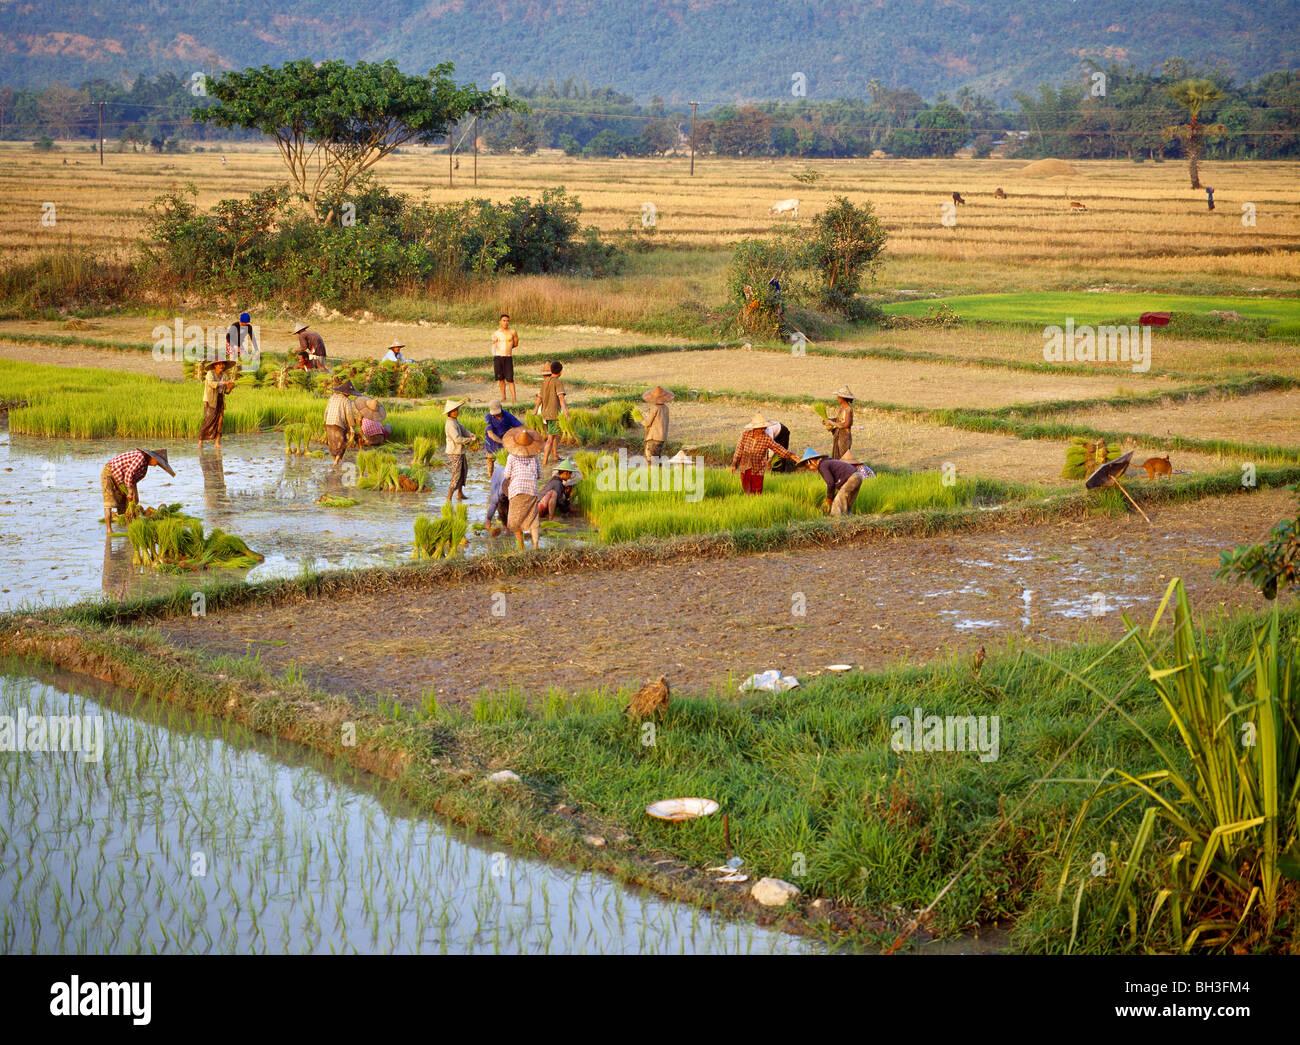 Women bringen out the seedlings on the rice paddys in the evening sun Frauen pflanzen Setzlinge in Nassreisfelder - Stock Image